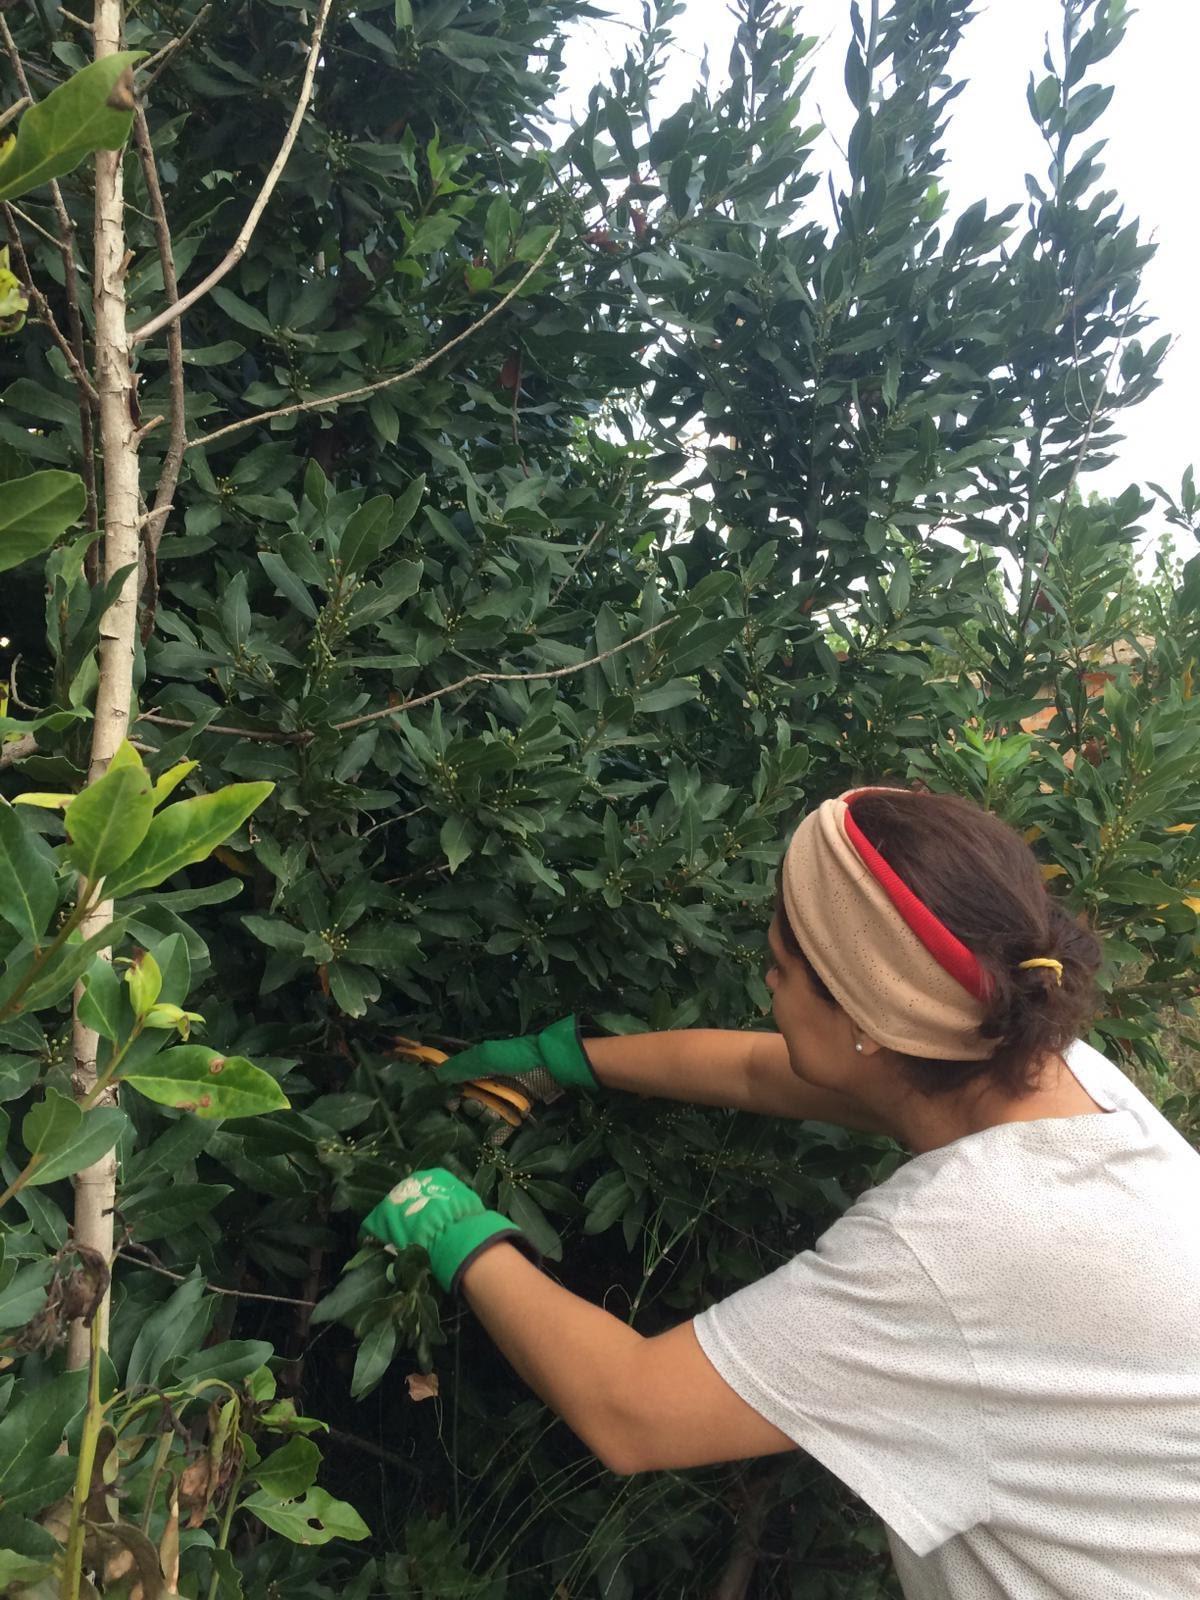 Recolectando hojas de Laurel.